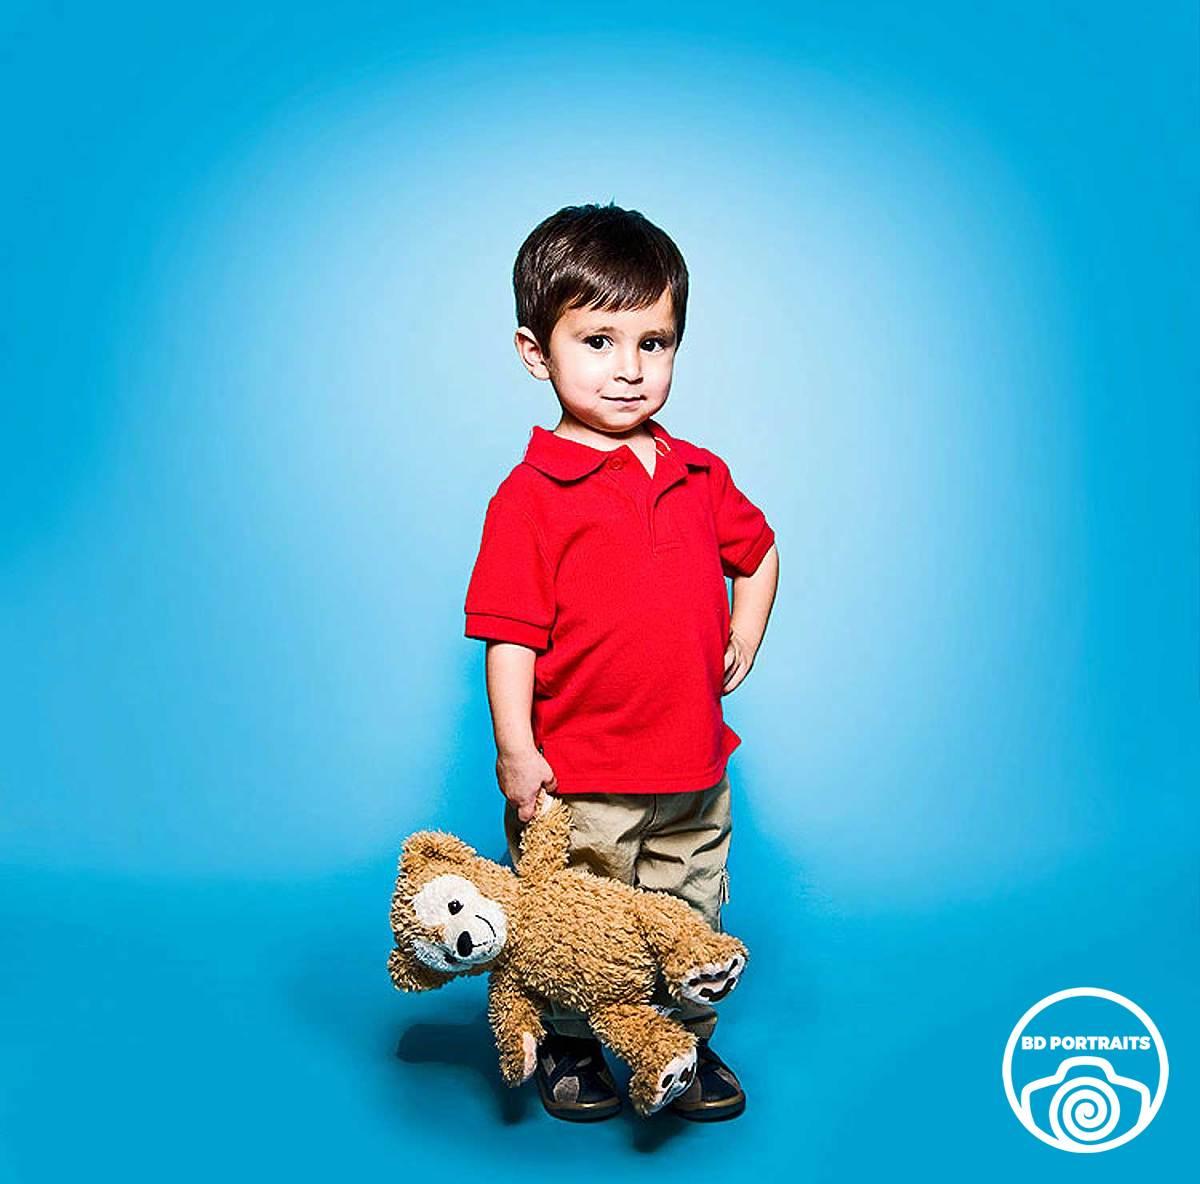 Minneapolis Babies Photographer - BD Portraits